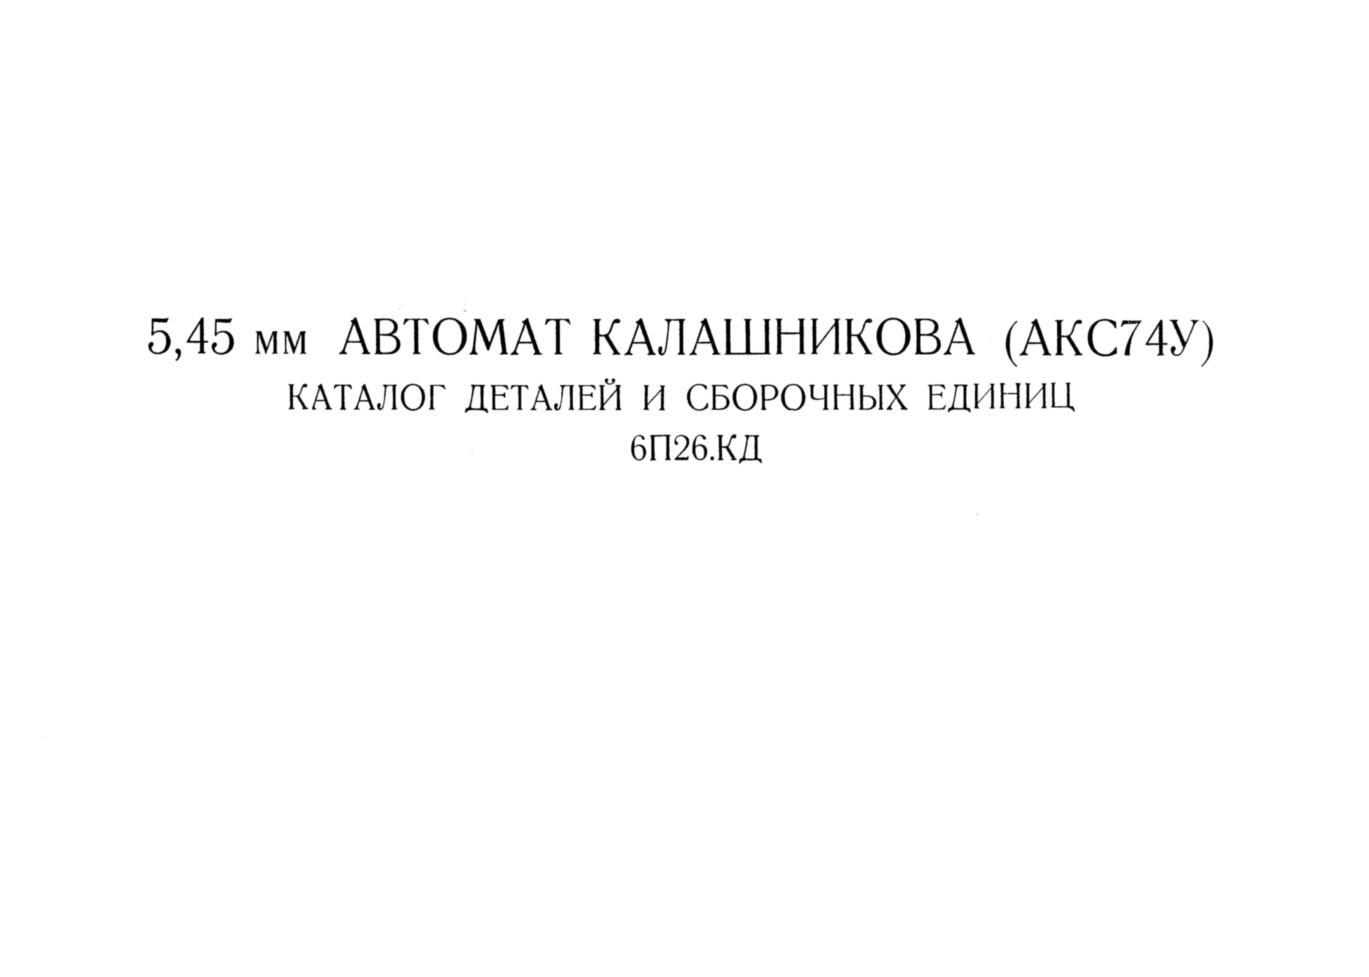 Каталог АКС74У